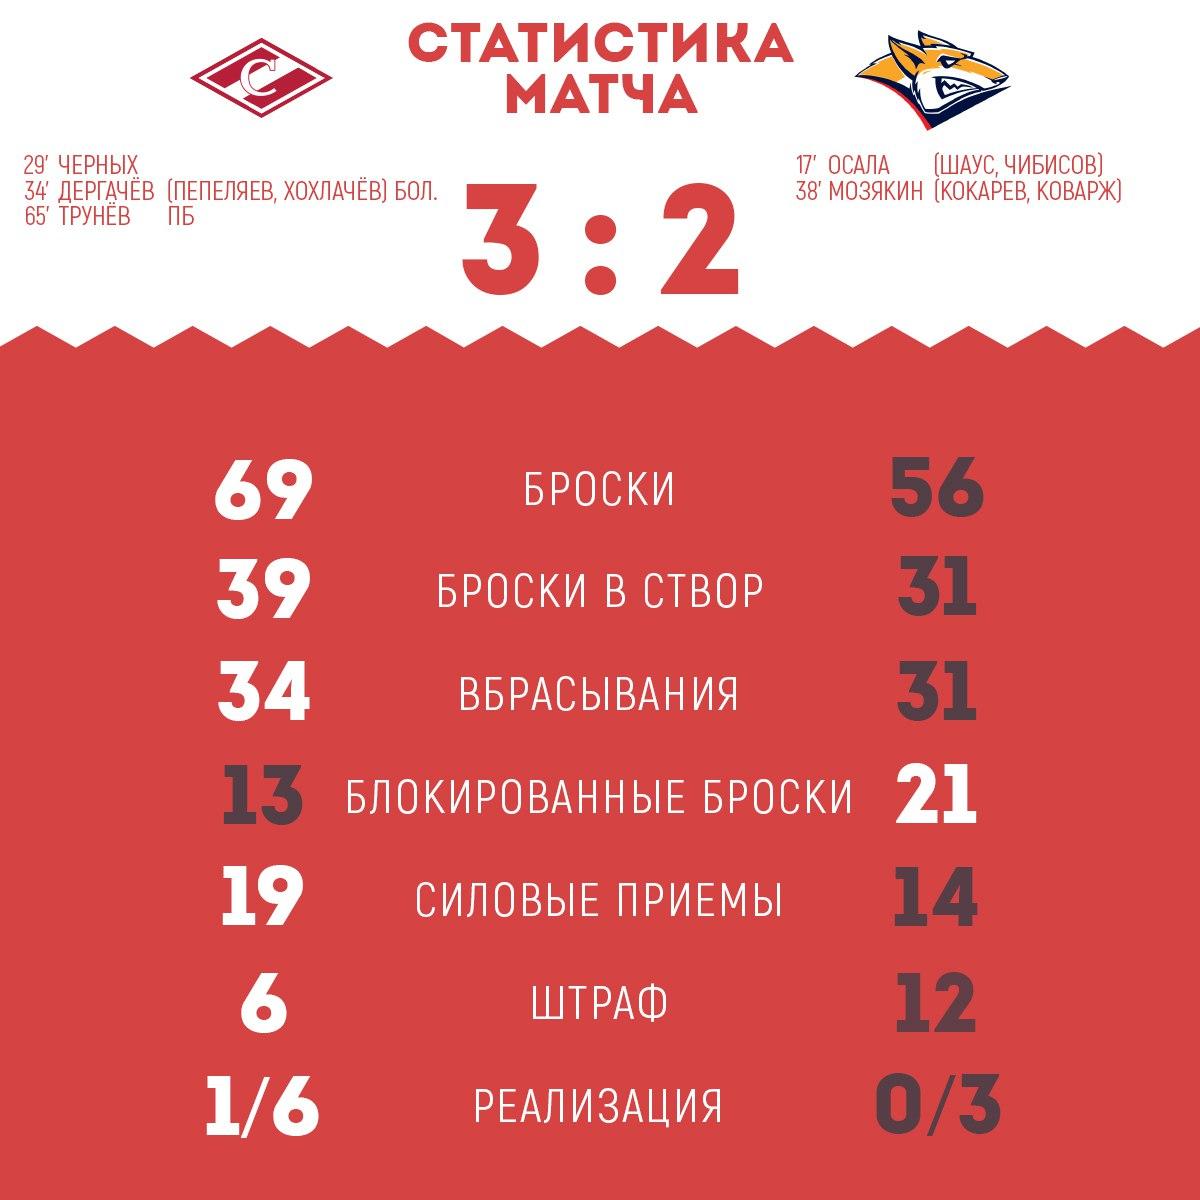 Статистика матча «Спартак» - «Металлург» 3:2 Б